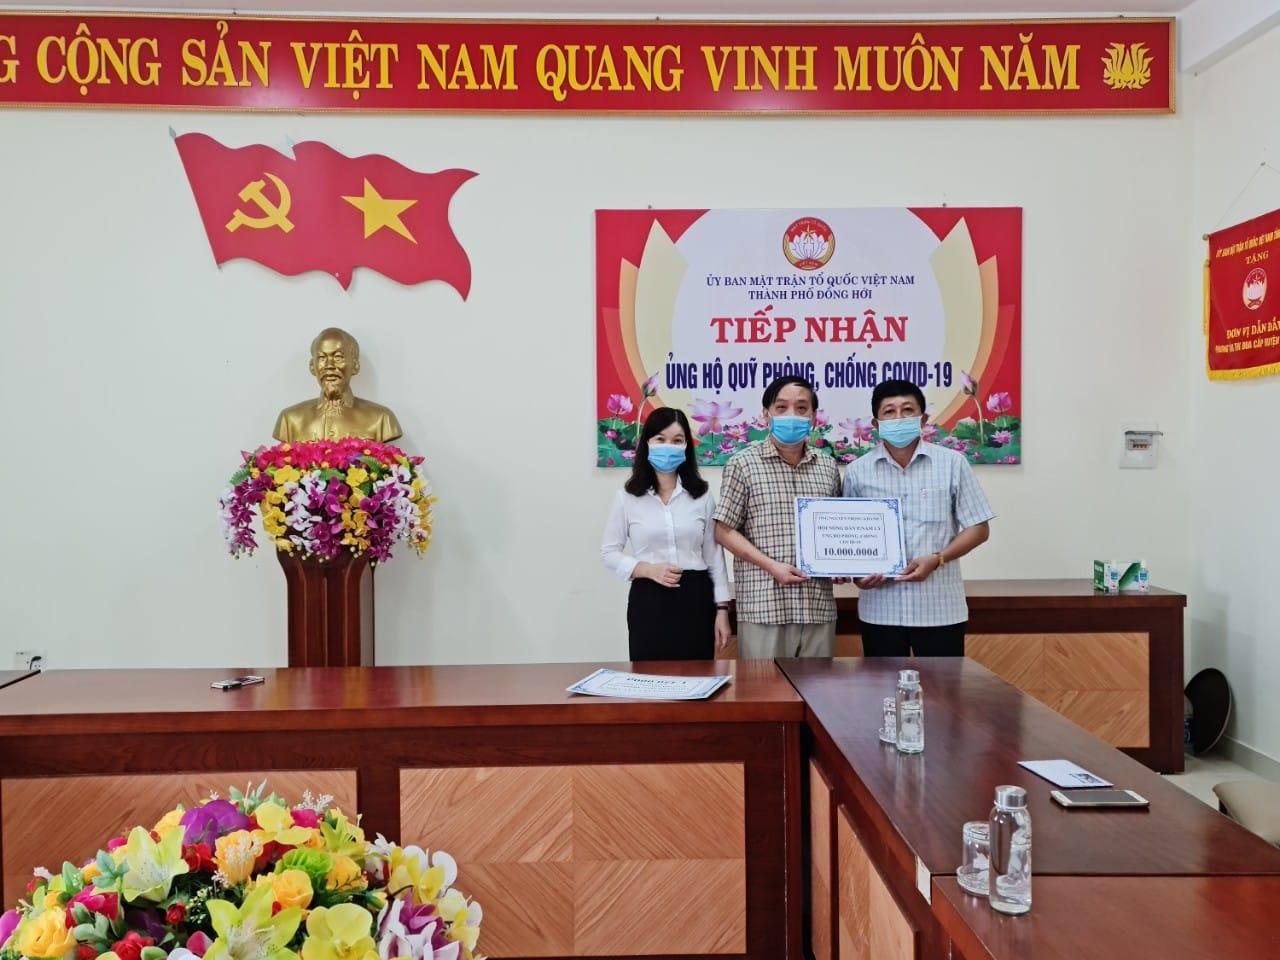 Công ty TNHH Khánh Huy ủng hộ Quỹ vắc-xin phòng, chống Covid-19